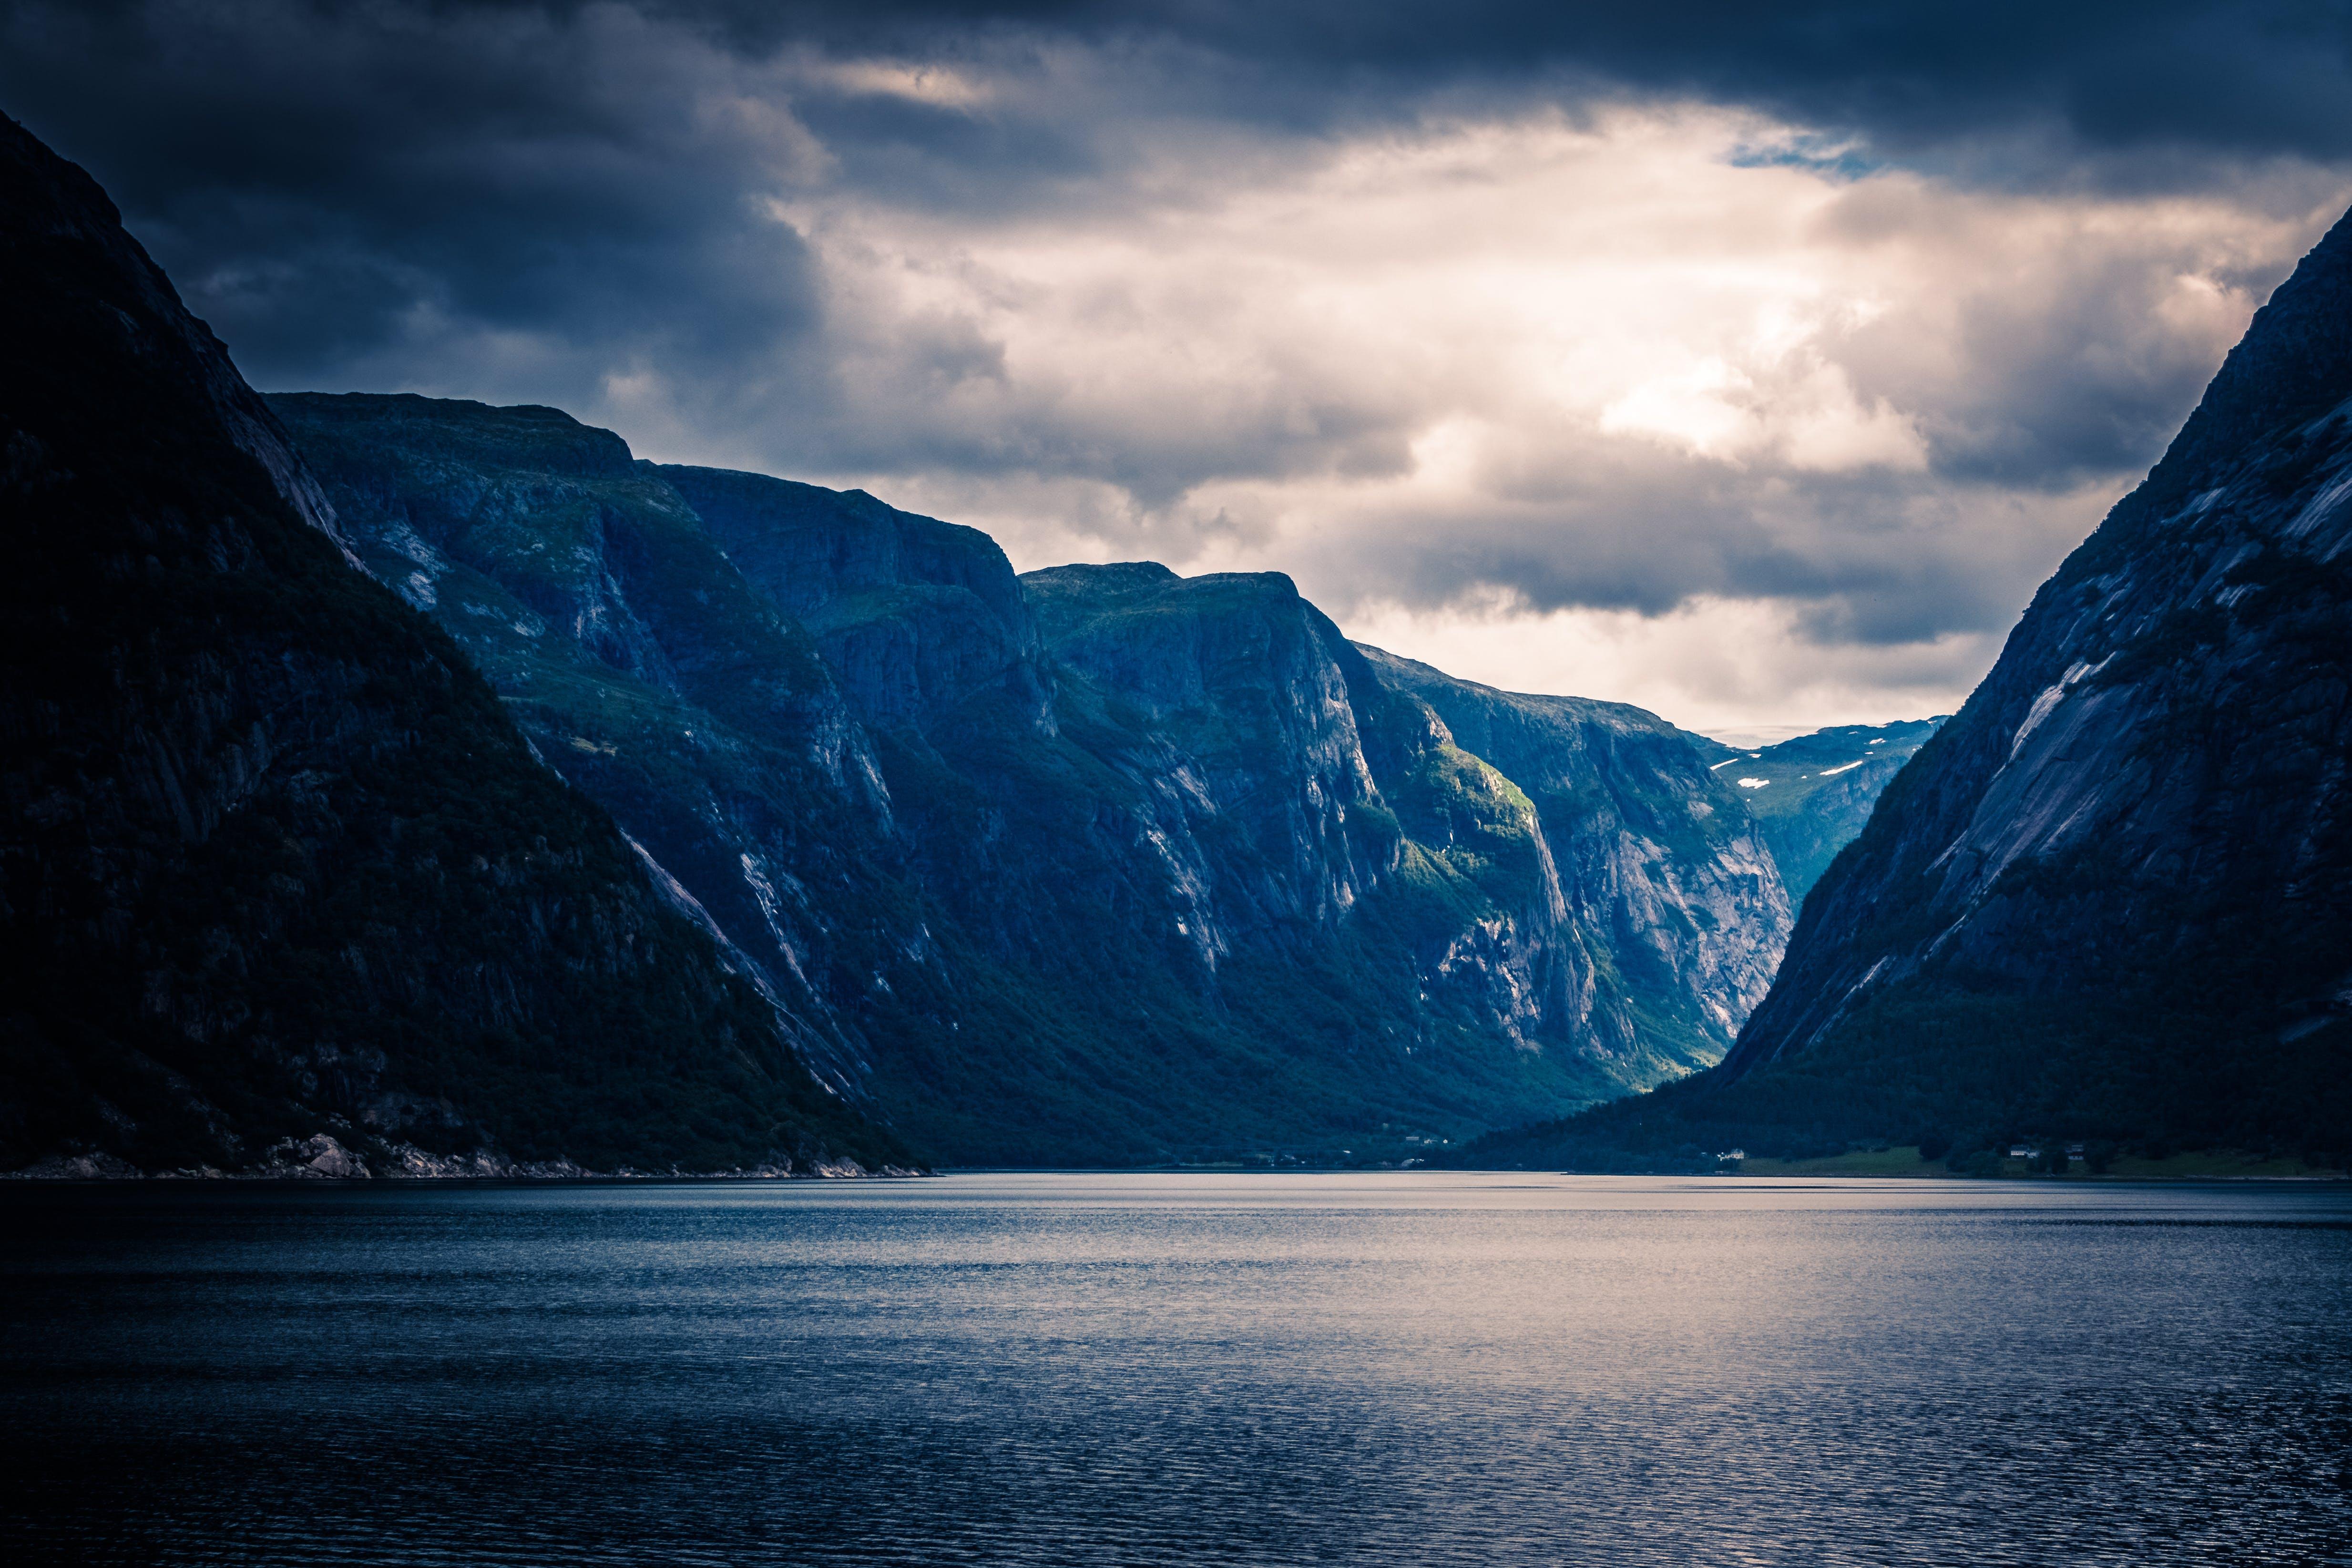 Kostenloses Stock Foto zu berge, draußen, eisig, fjord